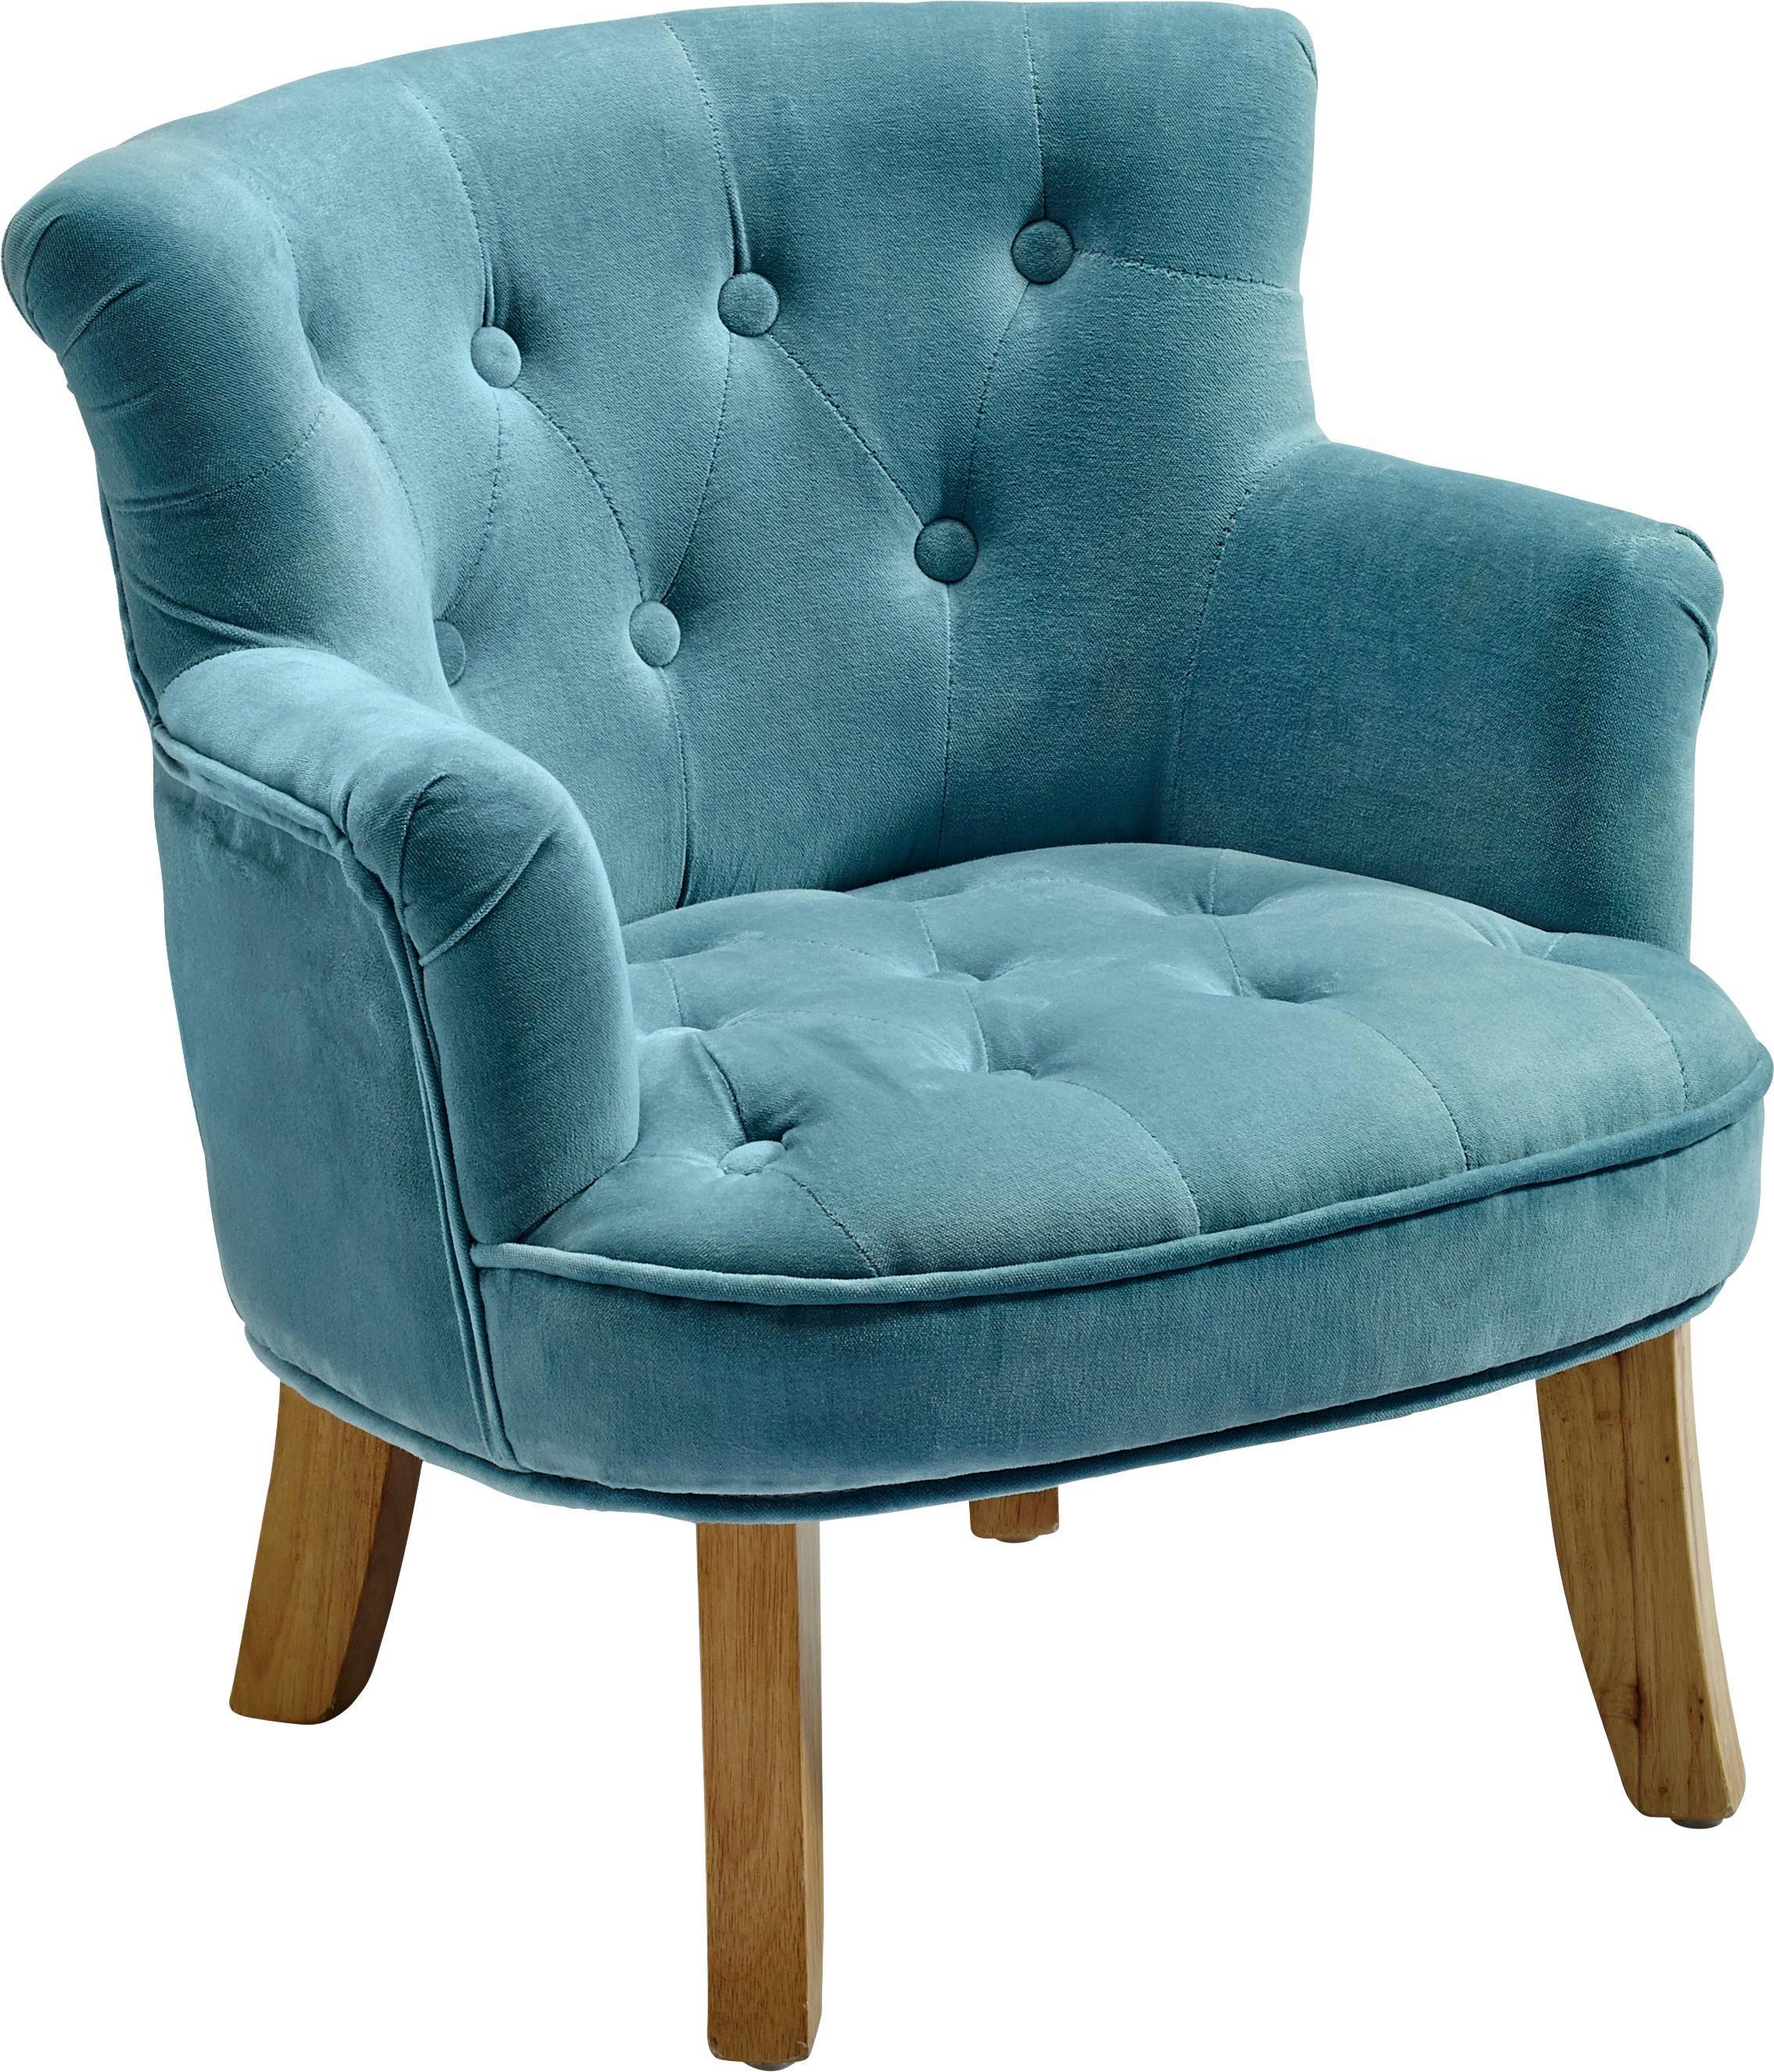 Sessel in Blau online kaufen mömax